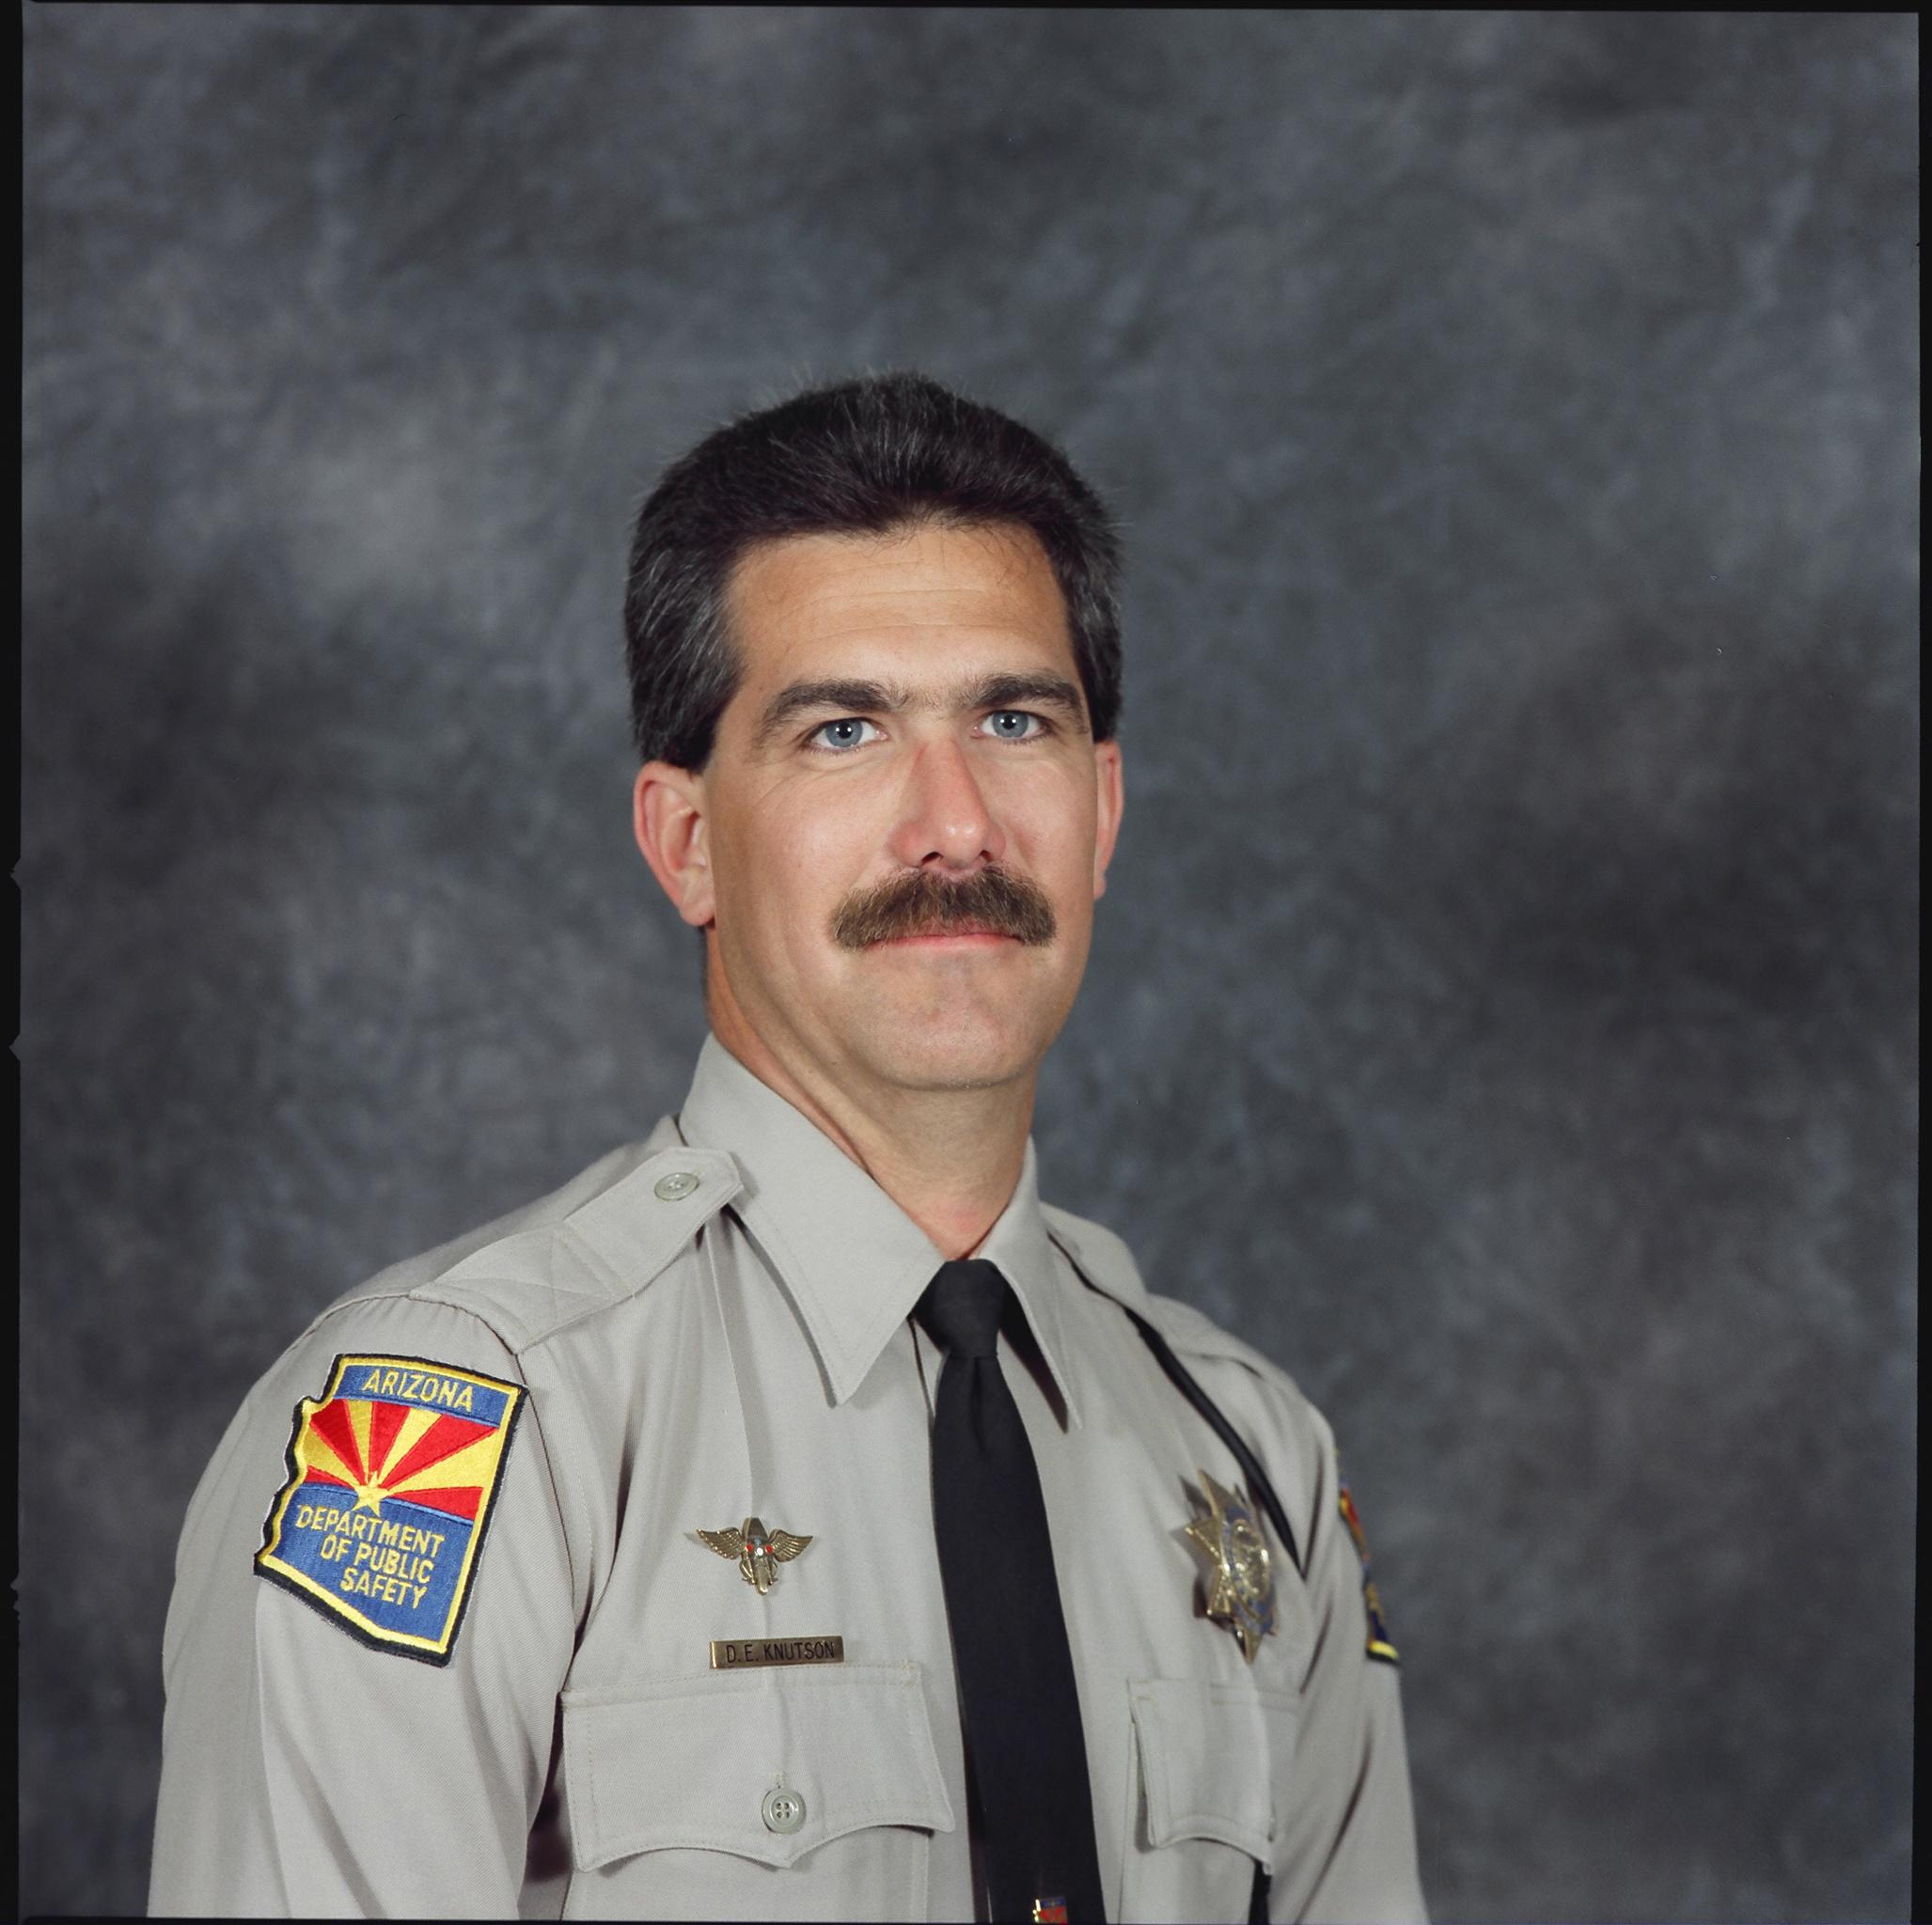 Douglas E. Knutson